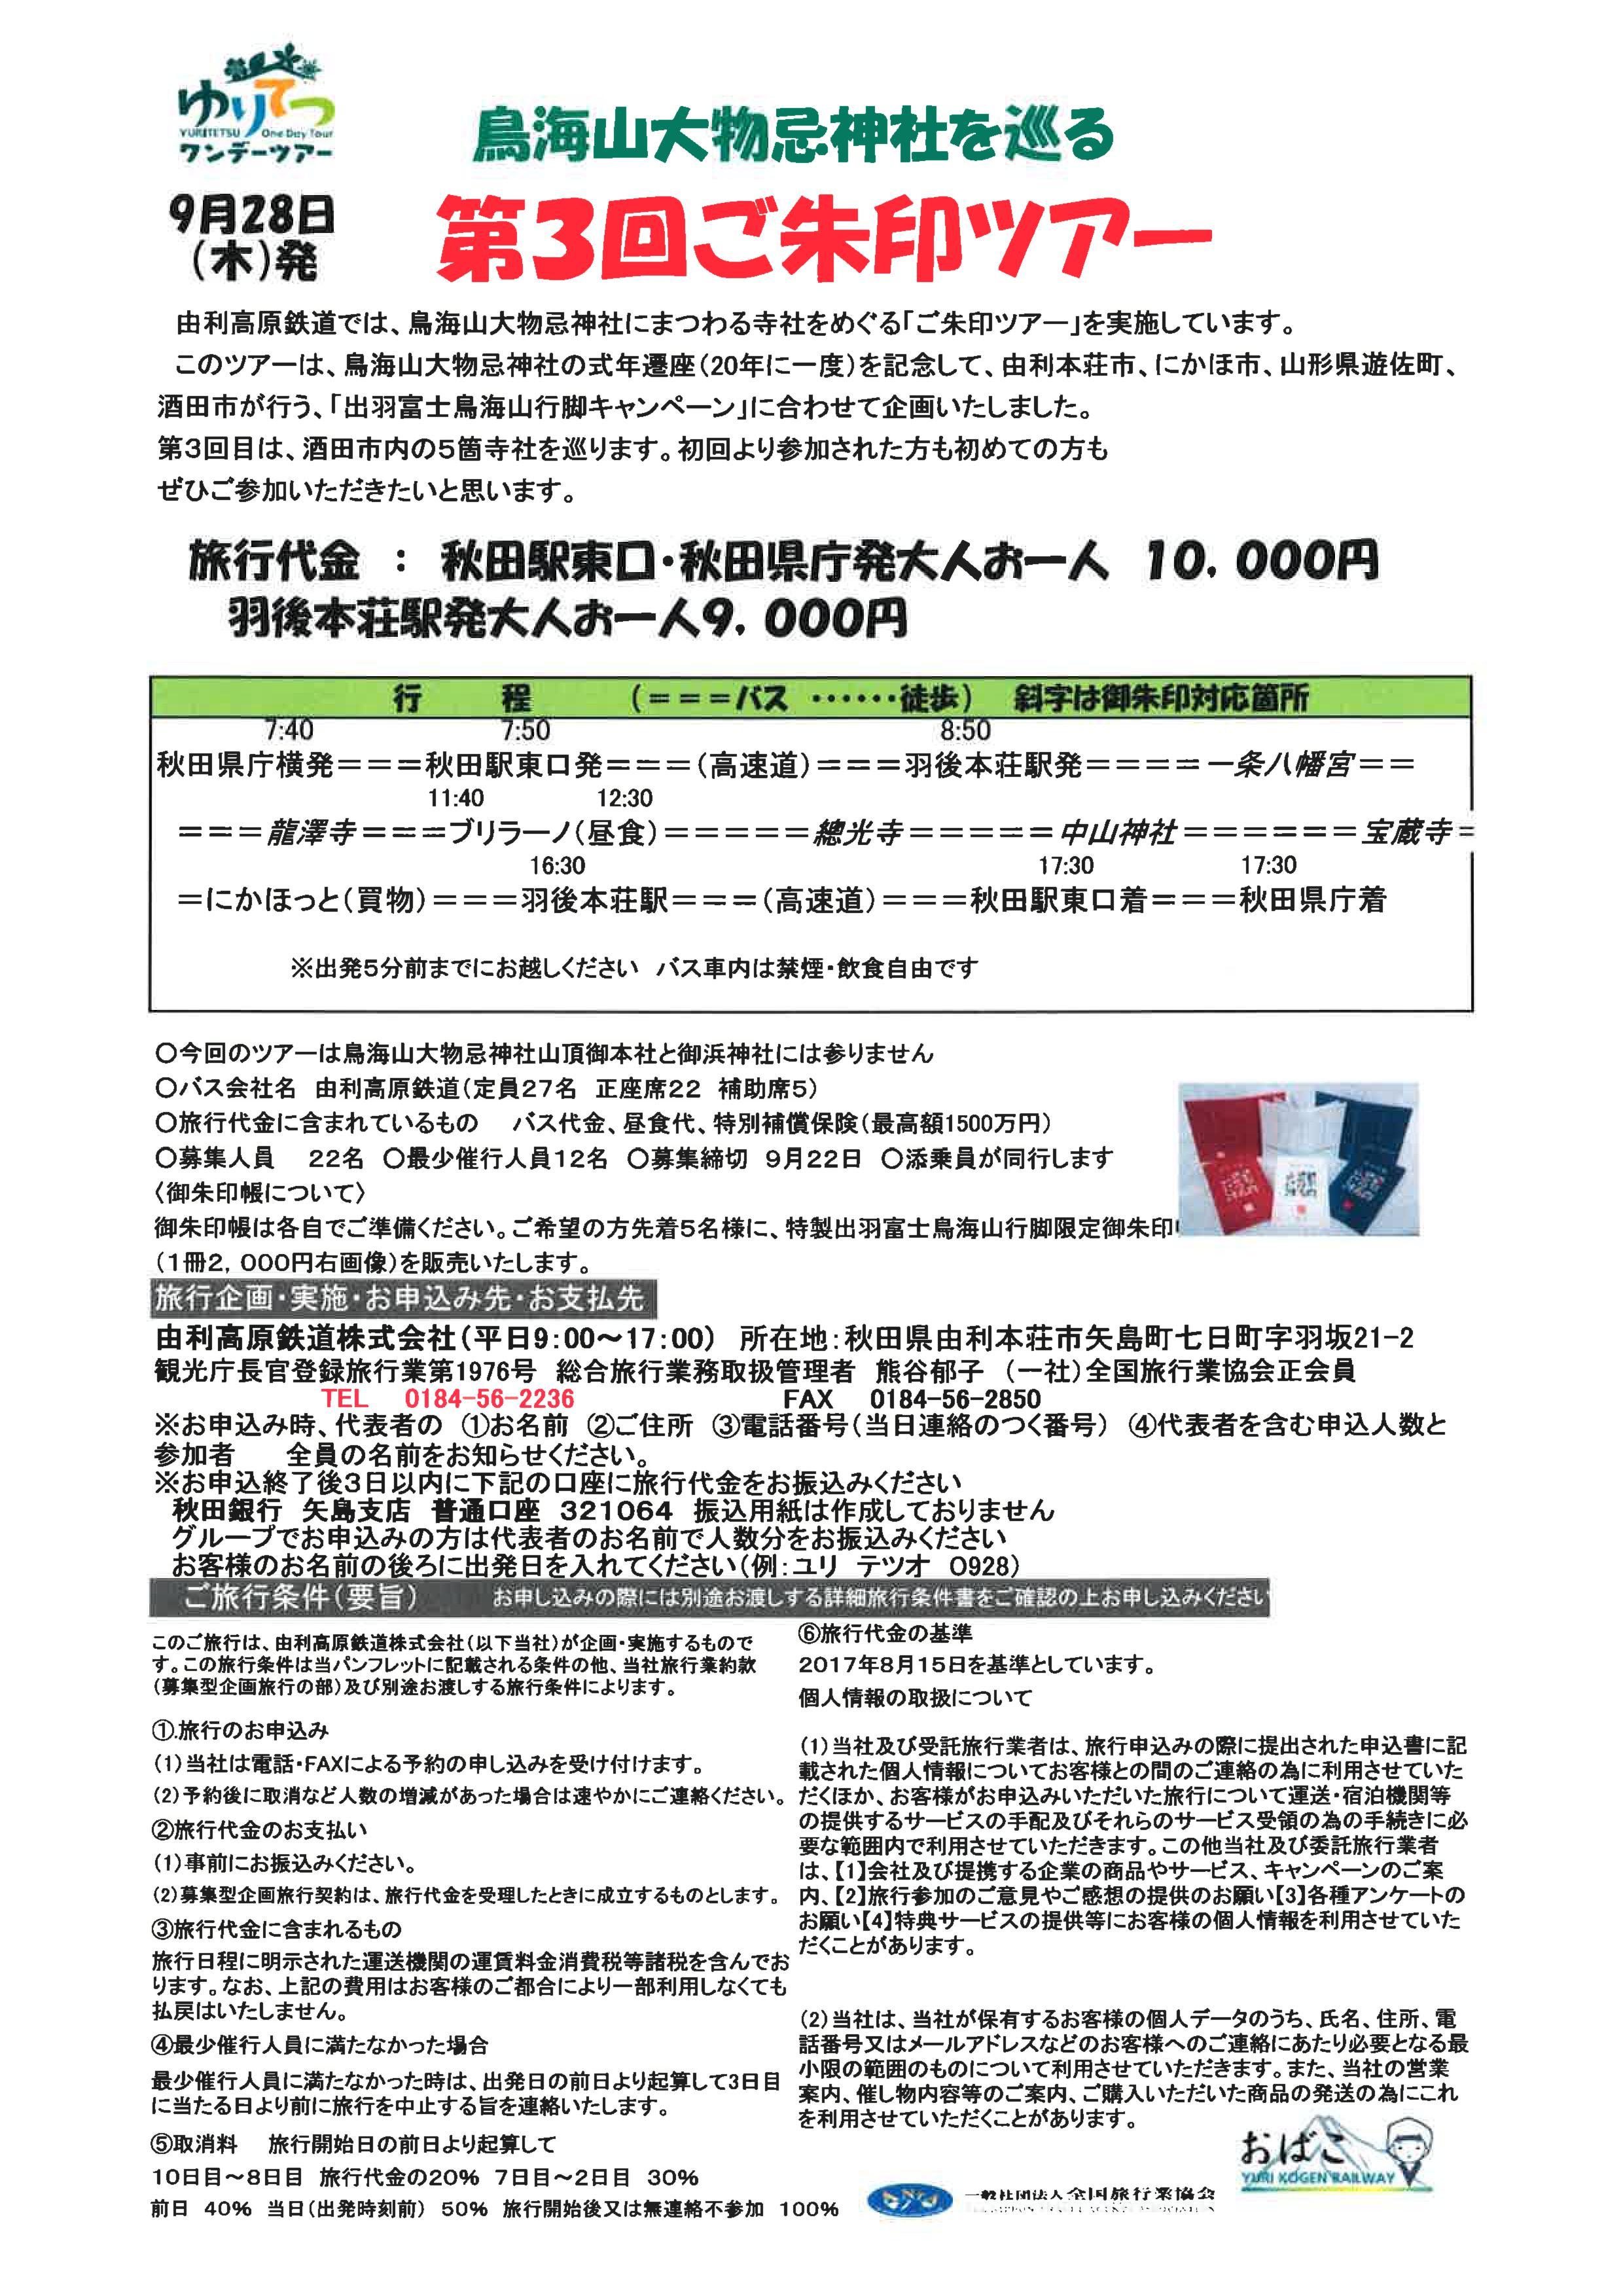 鳥海山大物忌神社を巡る第3回ご朱印ツアー(表)